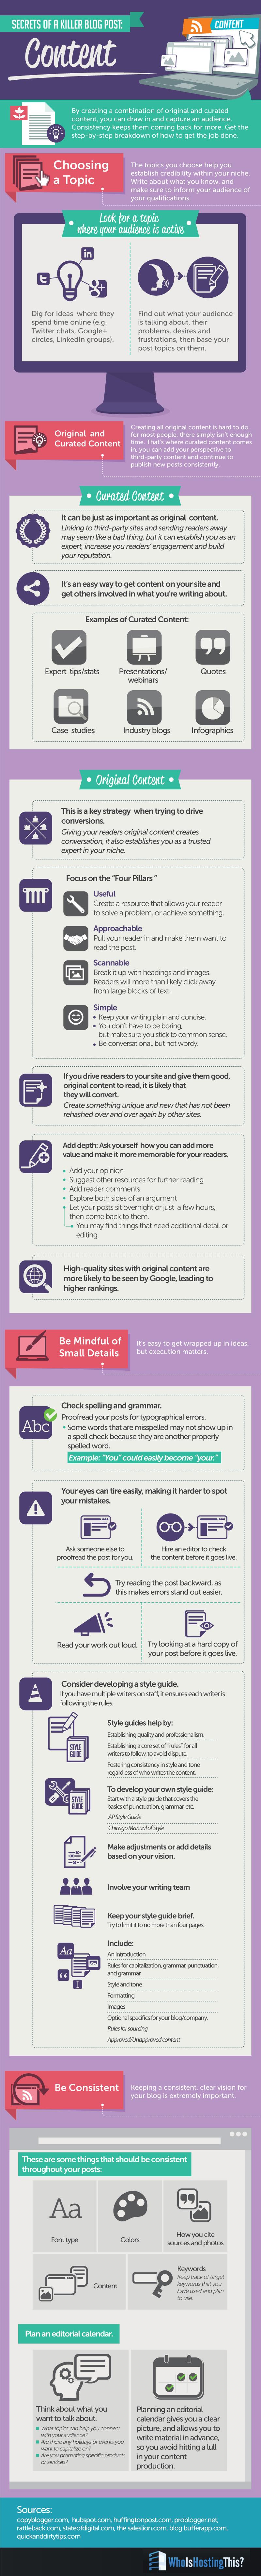 Secrets of a Killer Blog Post, via BloggingBistro.com #Infographic